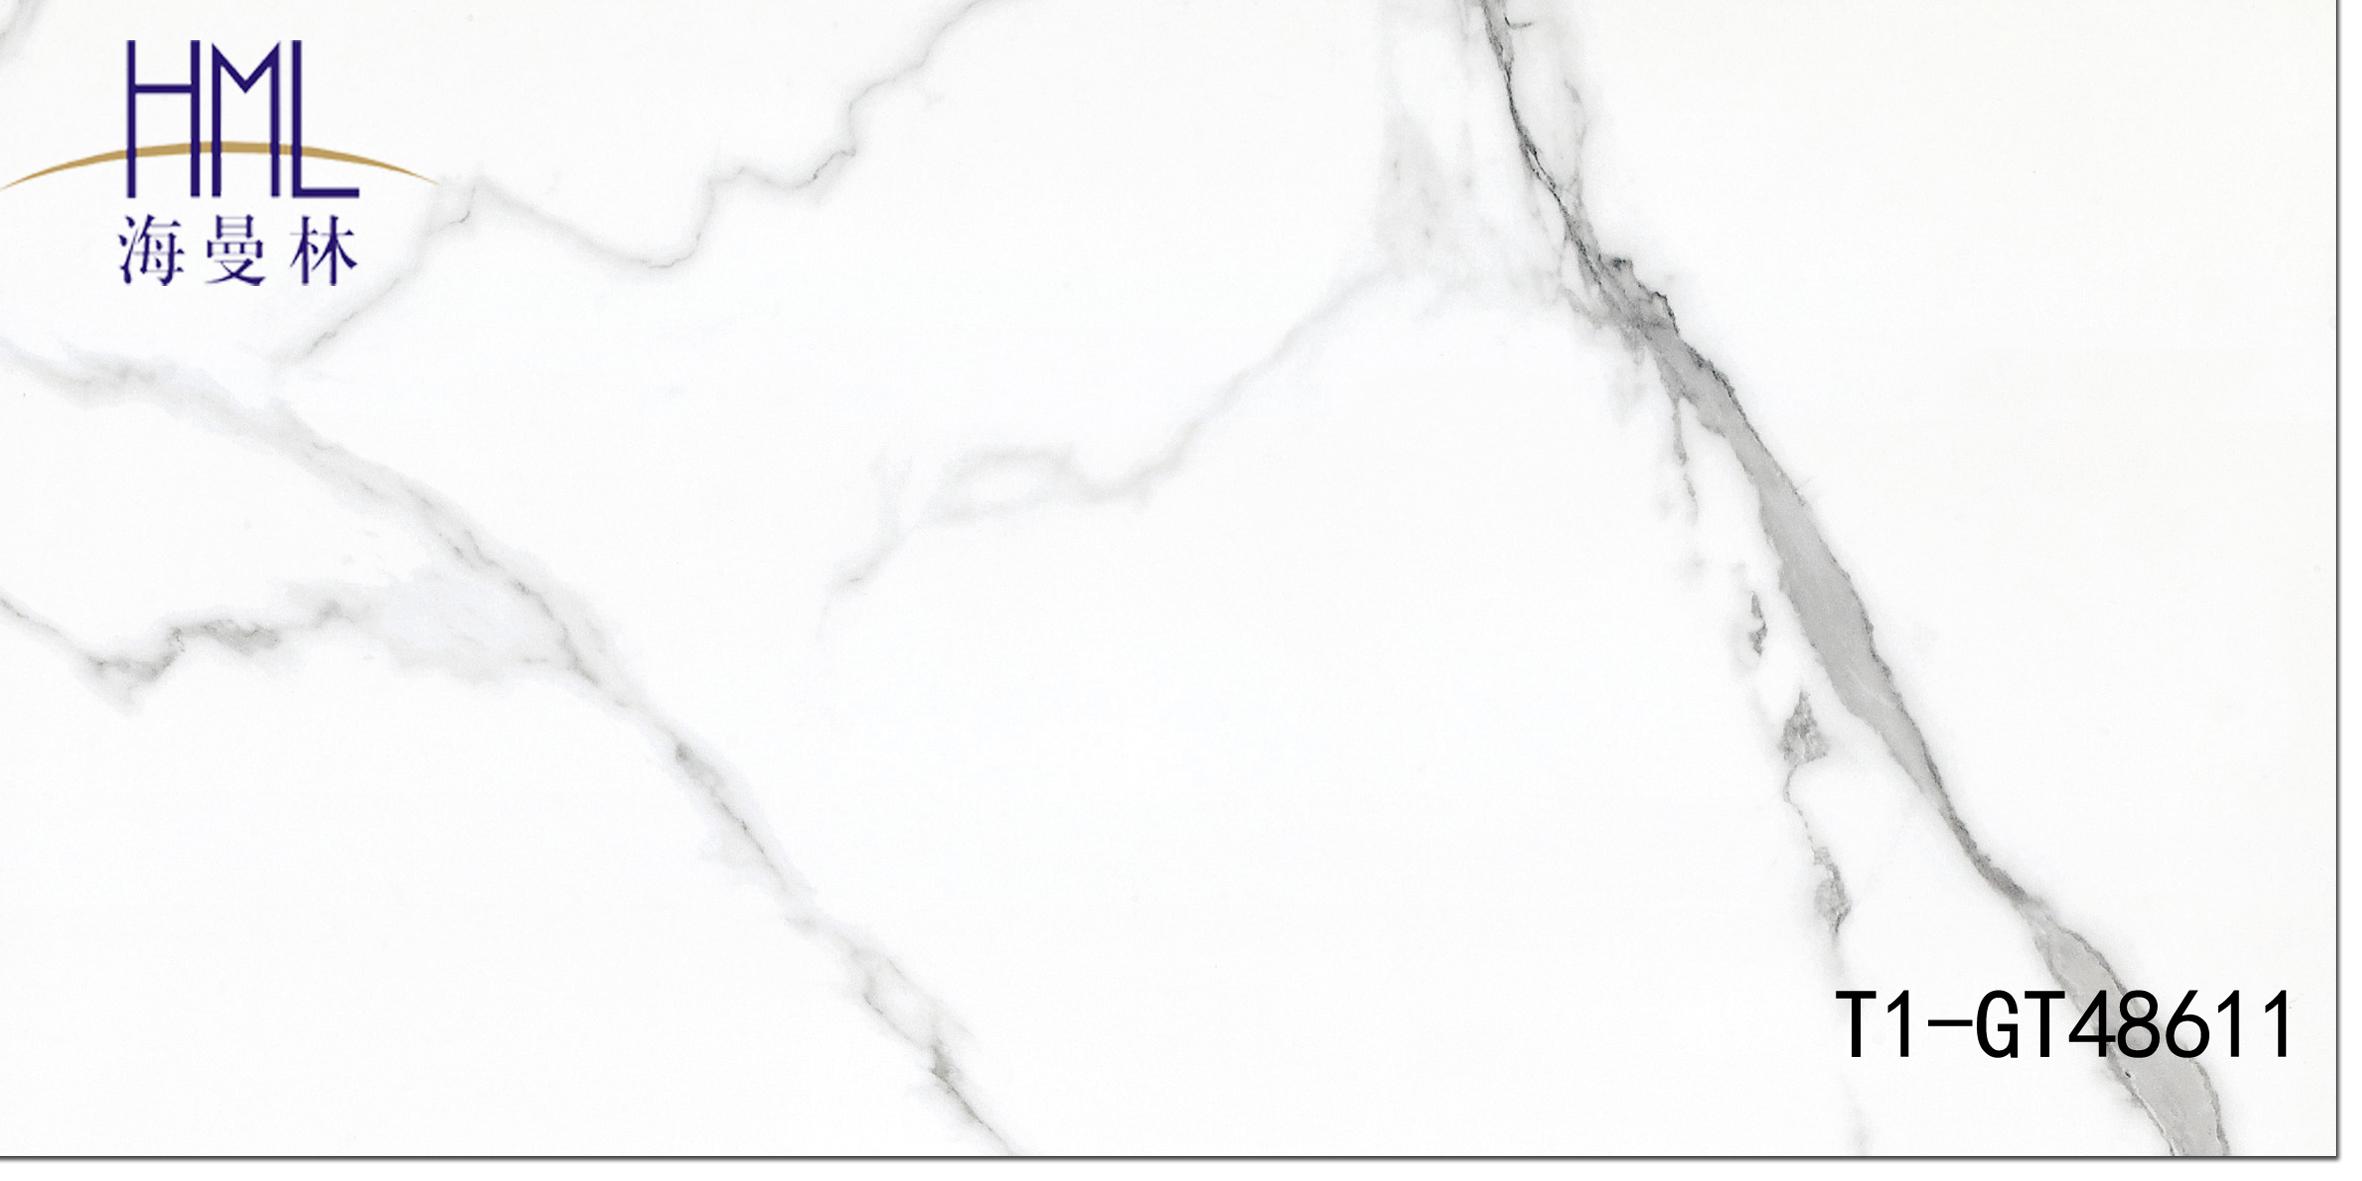 佛山瓷砖经销商的发展